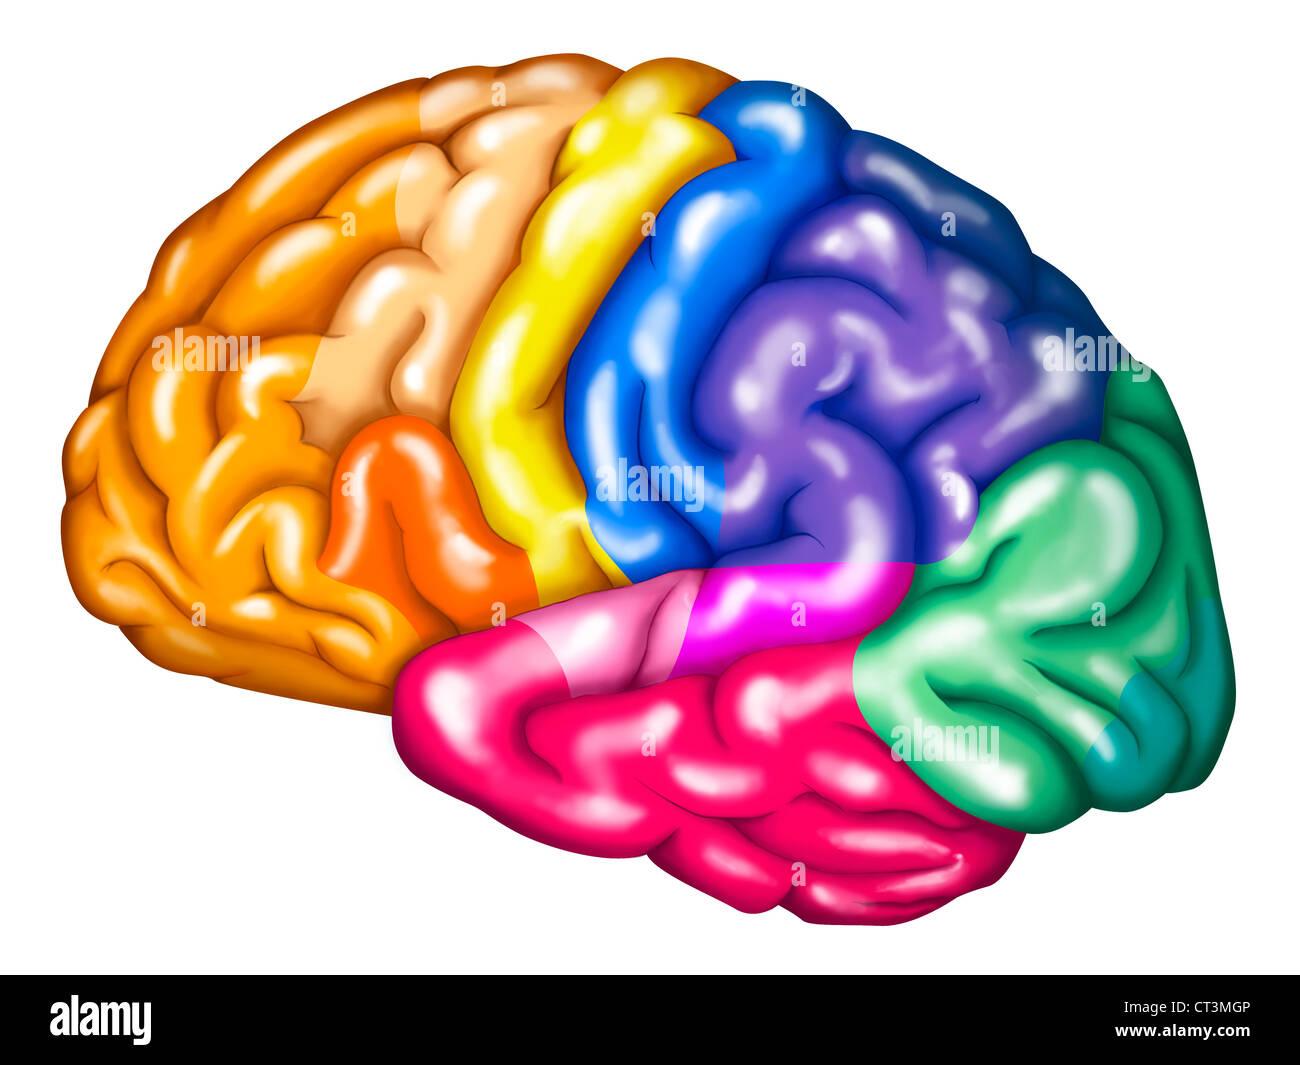 cerebral cortex - Selo.l-ink.co